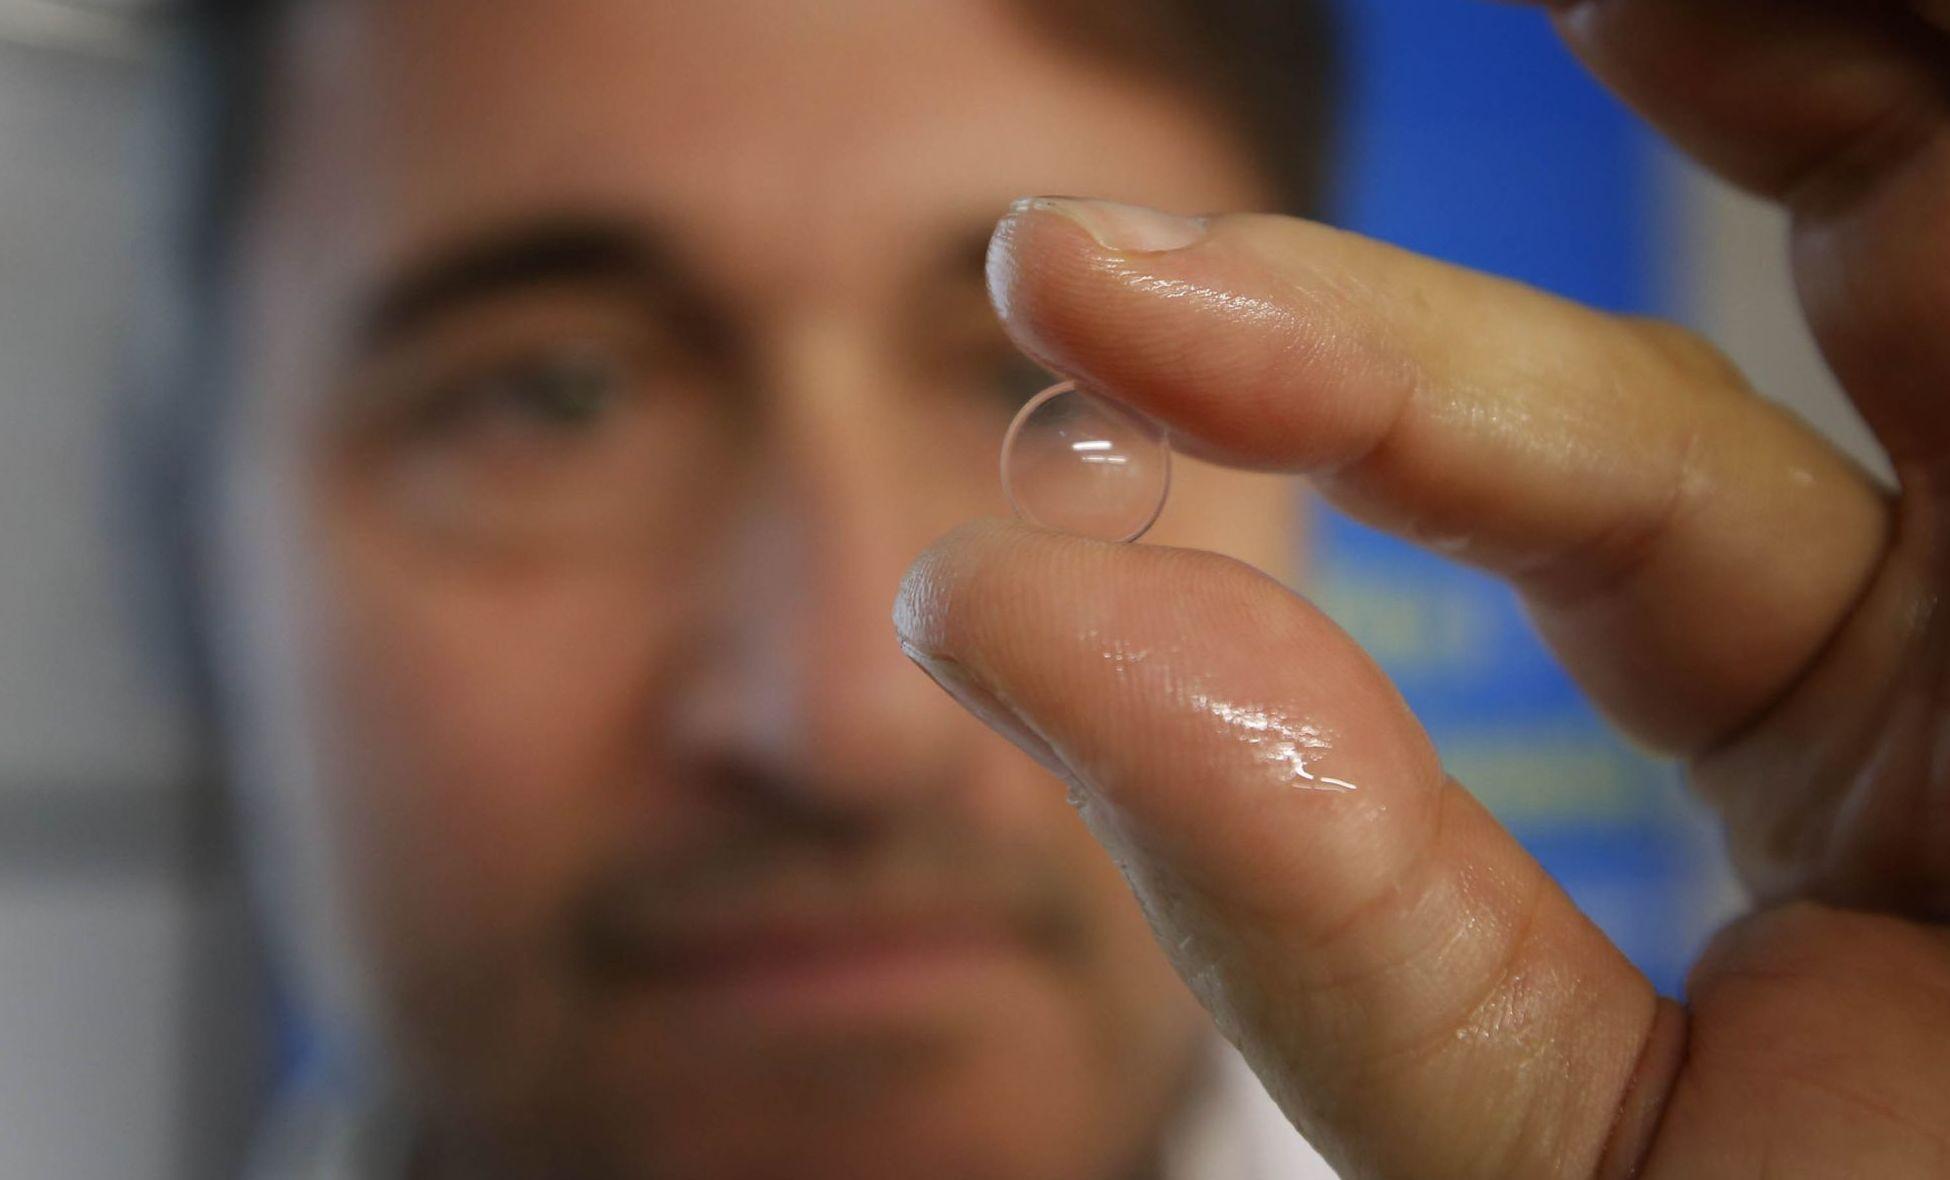 Lentilla progresiva frena hasta el 43% la evolución de la miopía